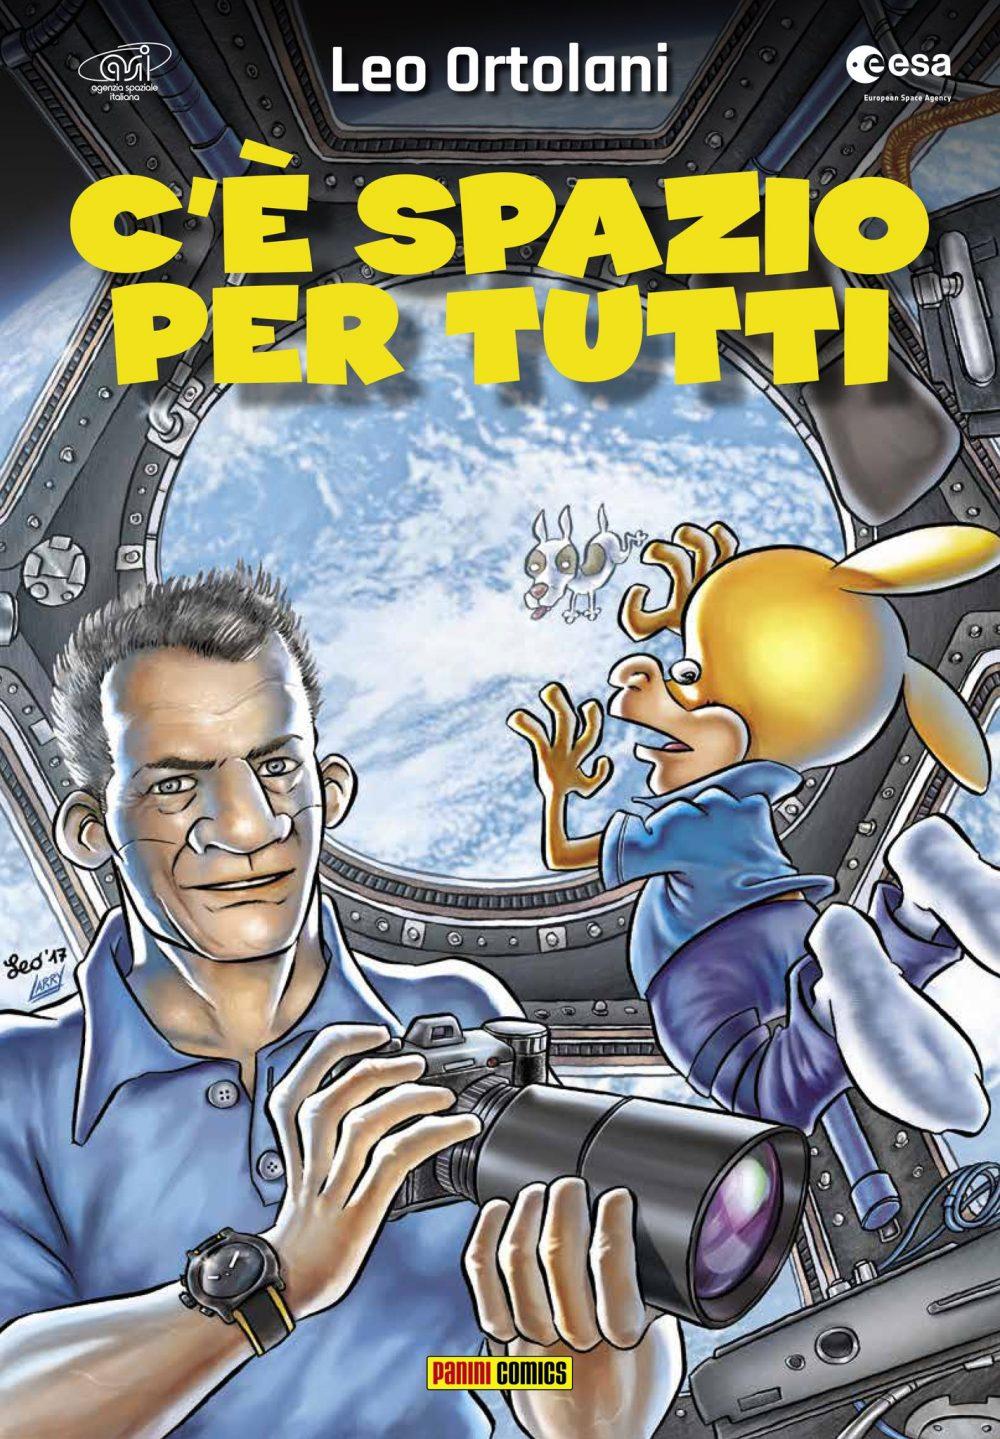 C'è spazio per tutti, copertina di Leo Ortolani